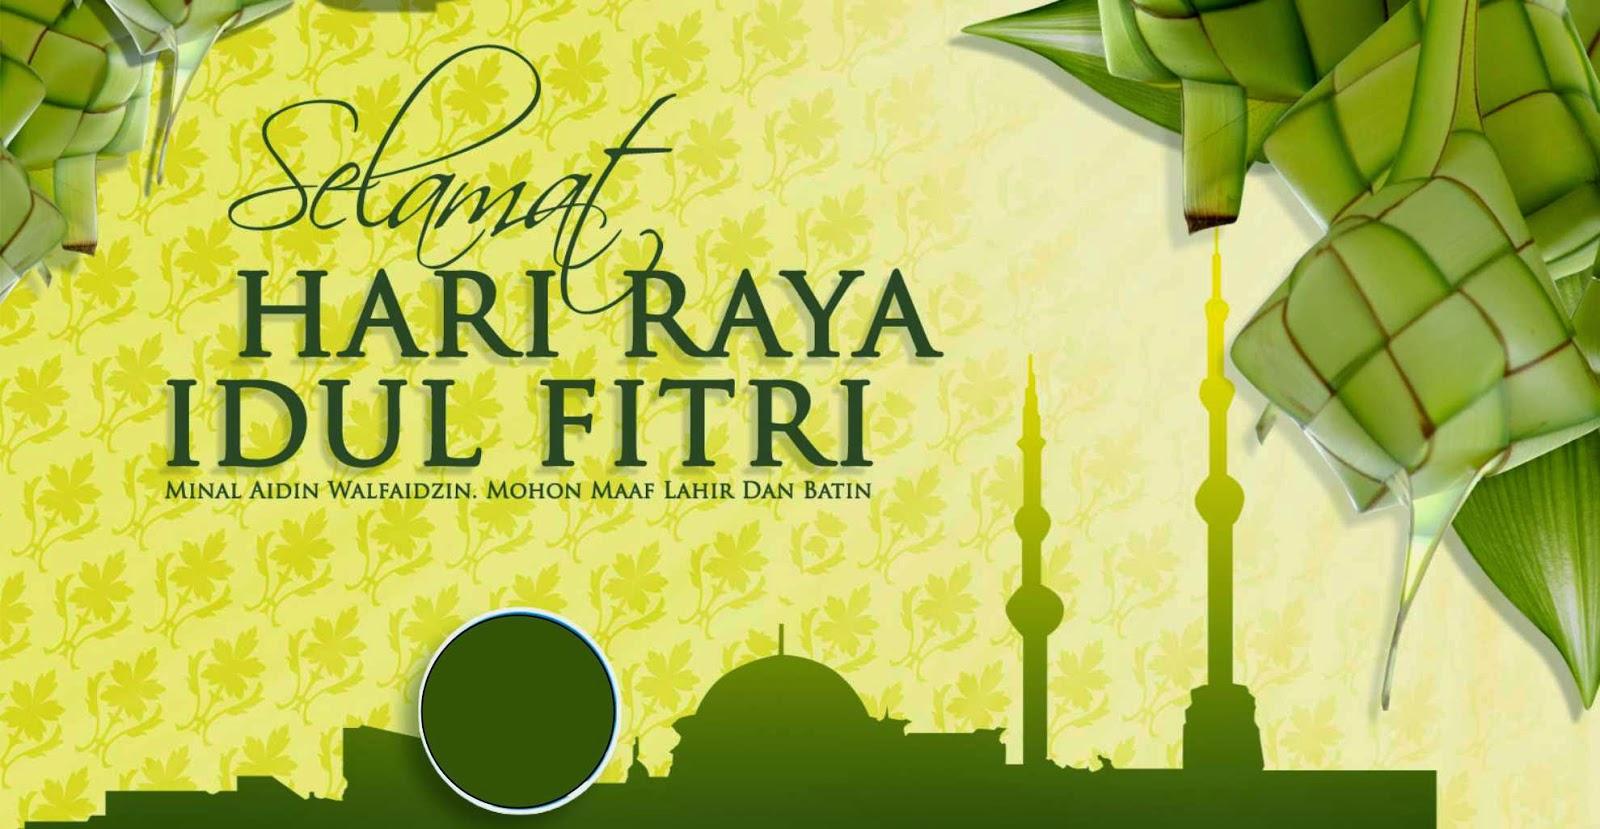 Gambar Ucapan Lebaran 2014 Kartu Selamat Ucapan Idul Fitri 1435 H